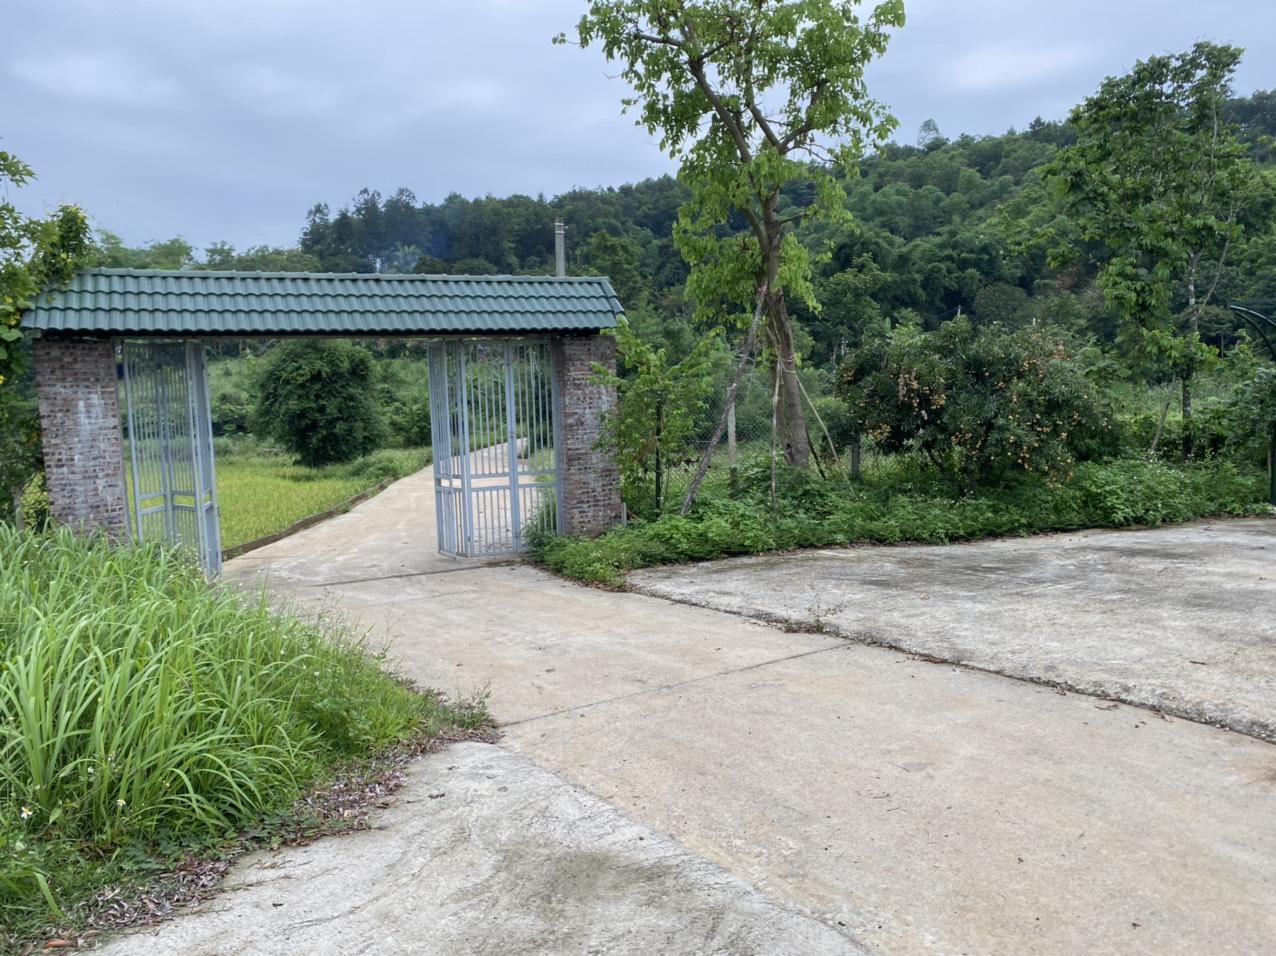 Bán đất tại thị trấn Lương Sơn-mảnh đất đáng đầu tư